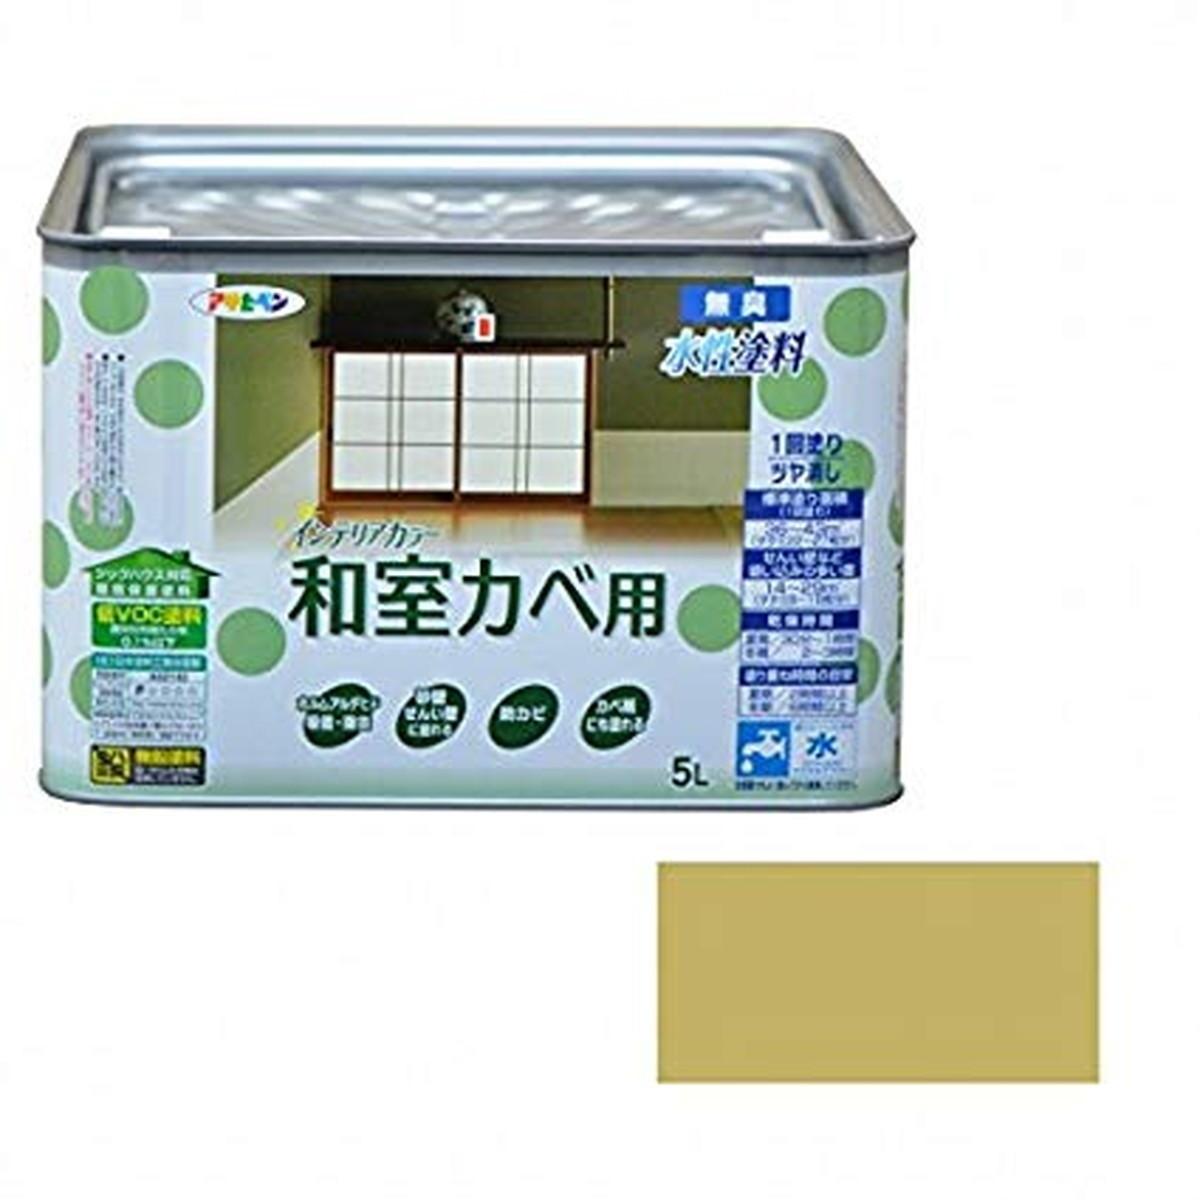 アサヒペン NEW水性インテリアカラー 和室カベ用 5L 黄じゅらく【クーポン配布中】